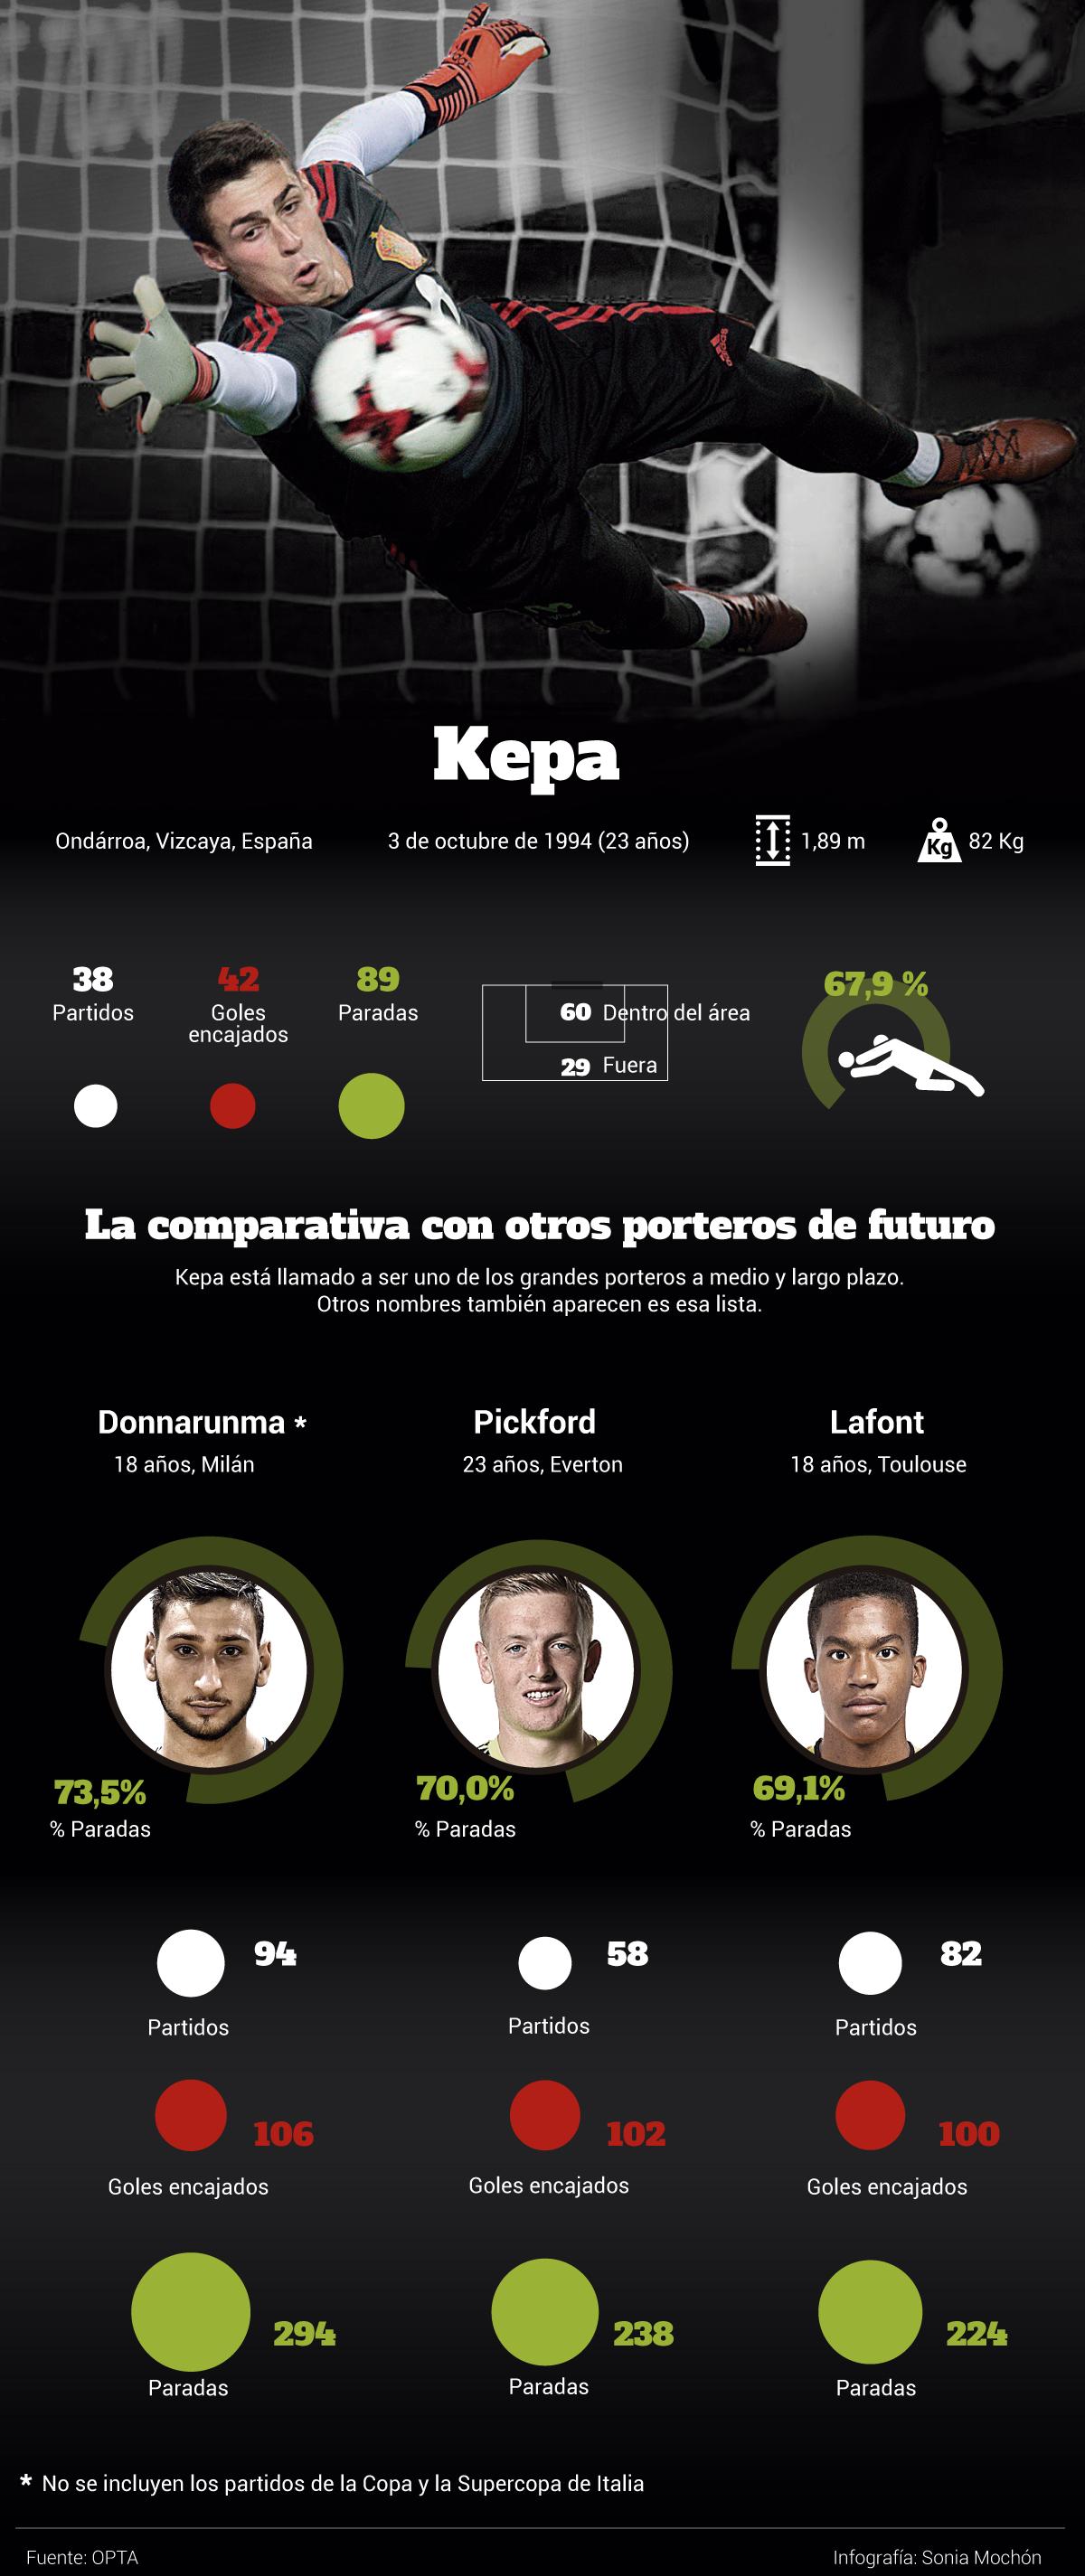 Gráfico: comparando a Kepa con otros porteros de futuro